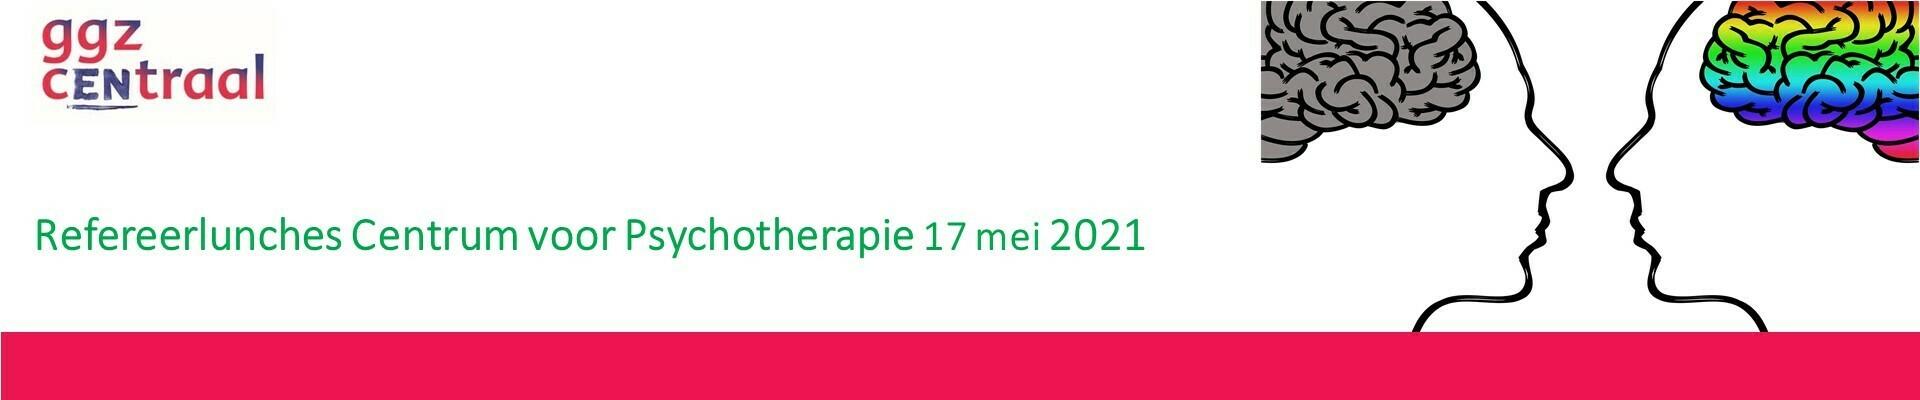 Refereerlunch Centrum voor Psychotherapie 17 mei 2021